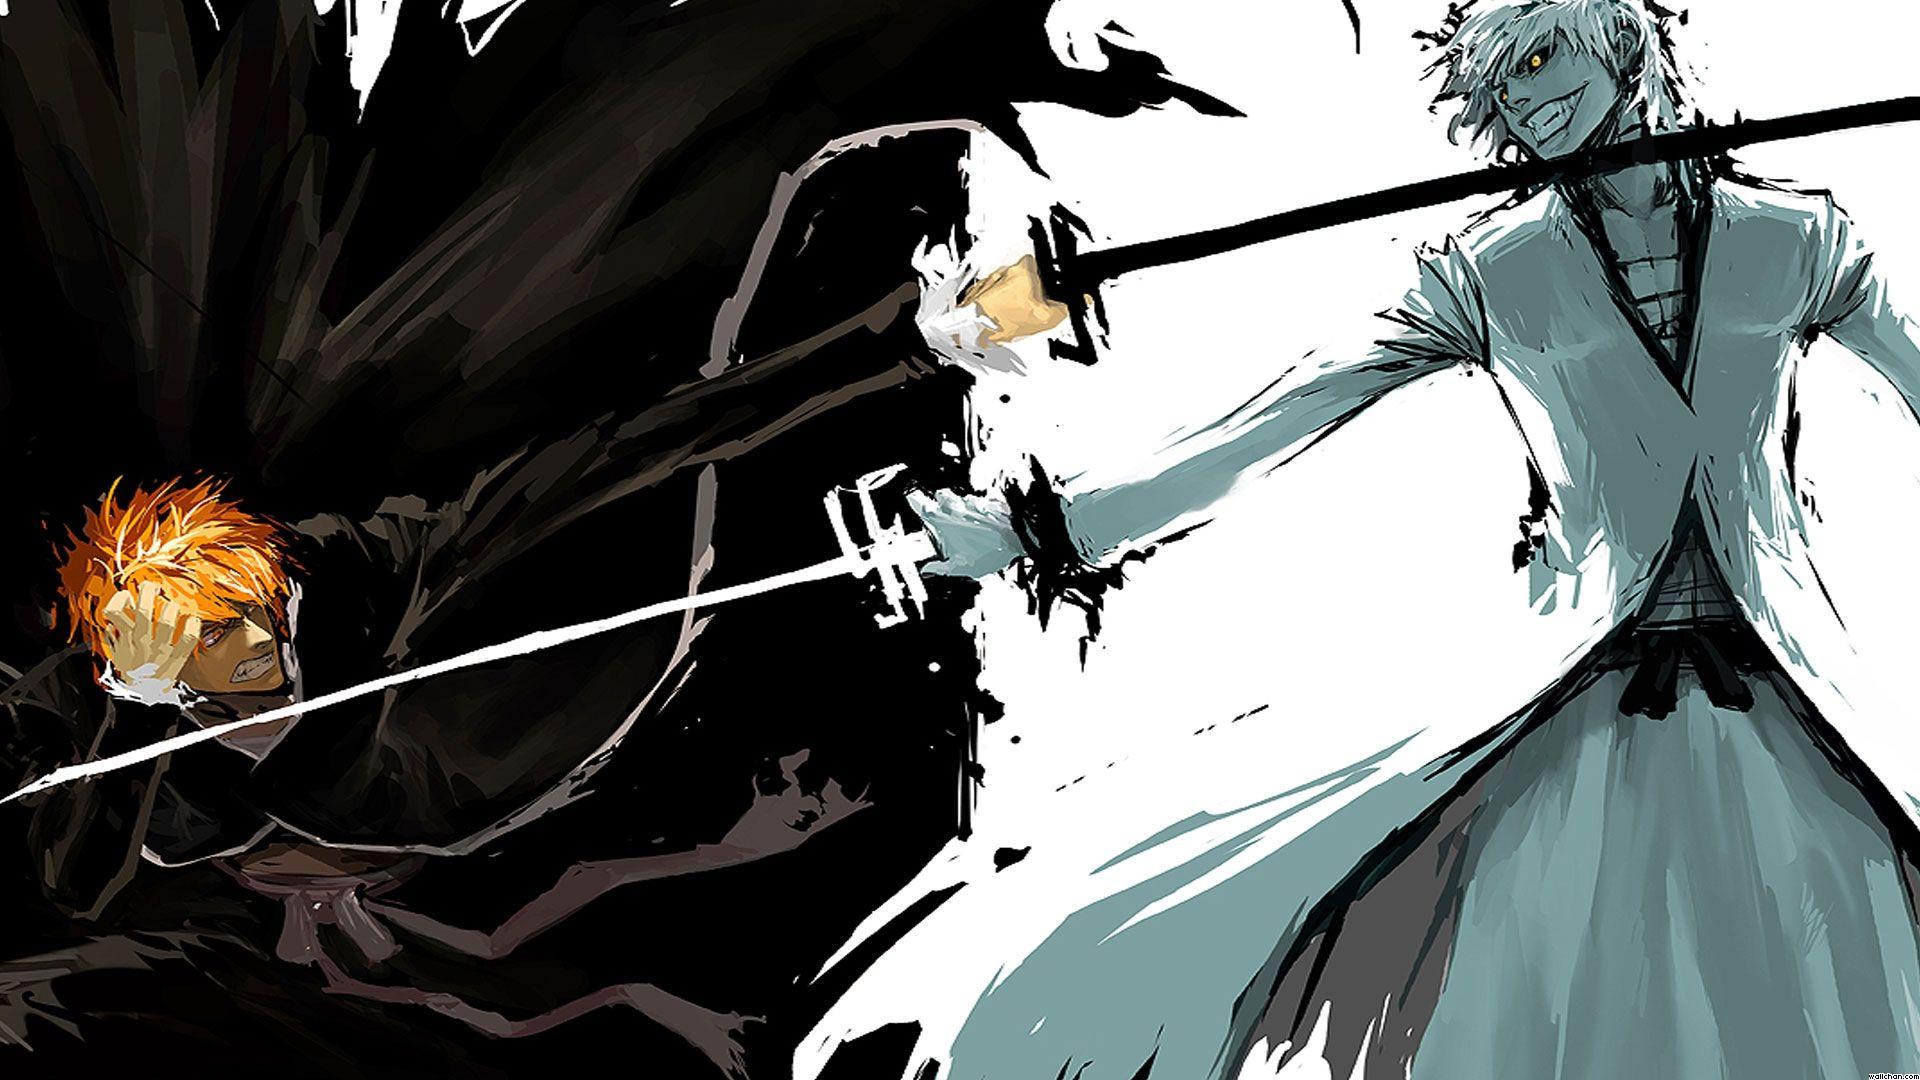 Pin de Blade Differen en Anime Fondo de anime, Manga